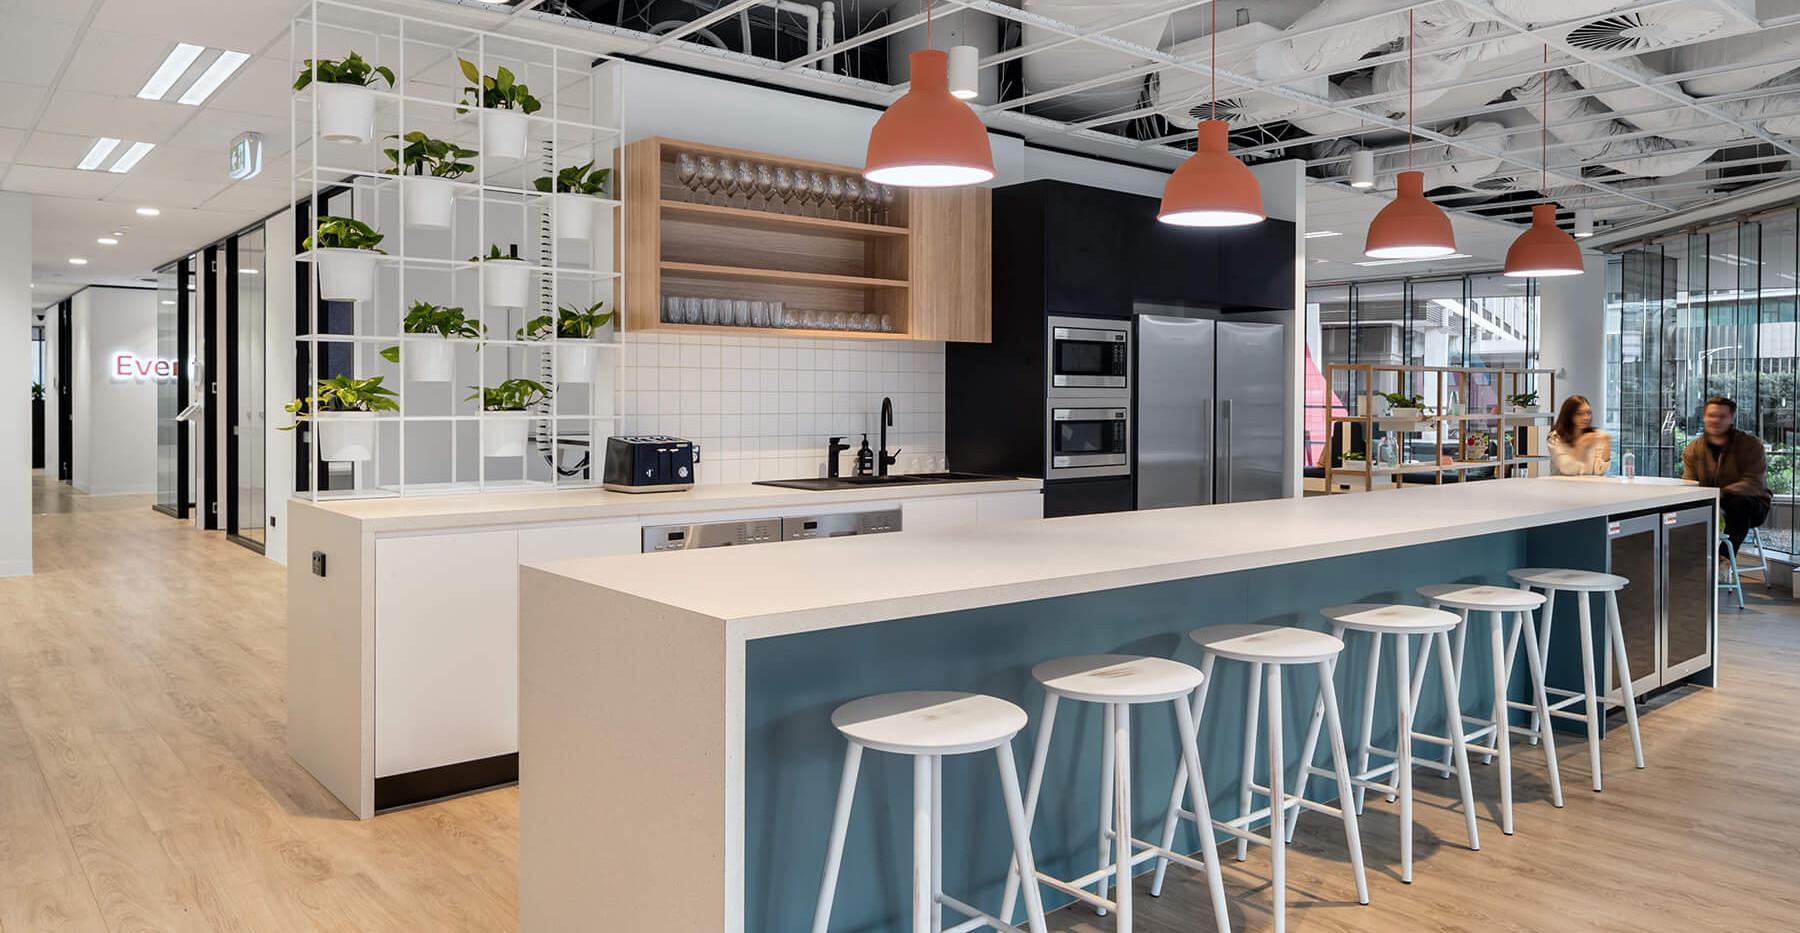 Eventbrite Melbourne - corporate kitchen designc-885e-430c-98b8-cf34c96d4da7.jpg